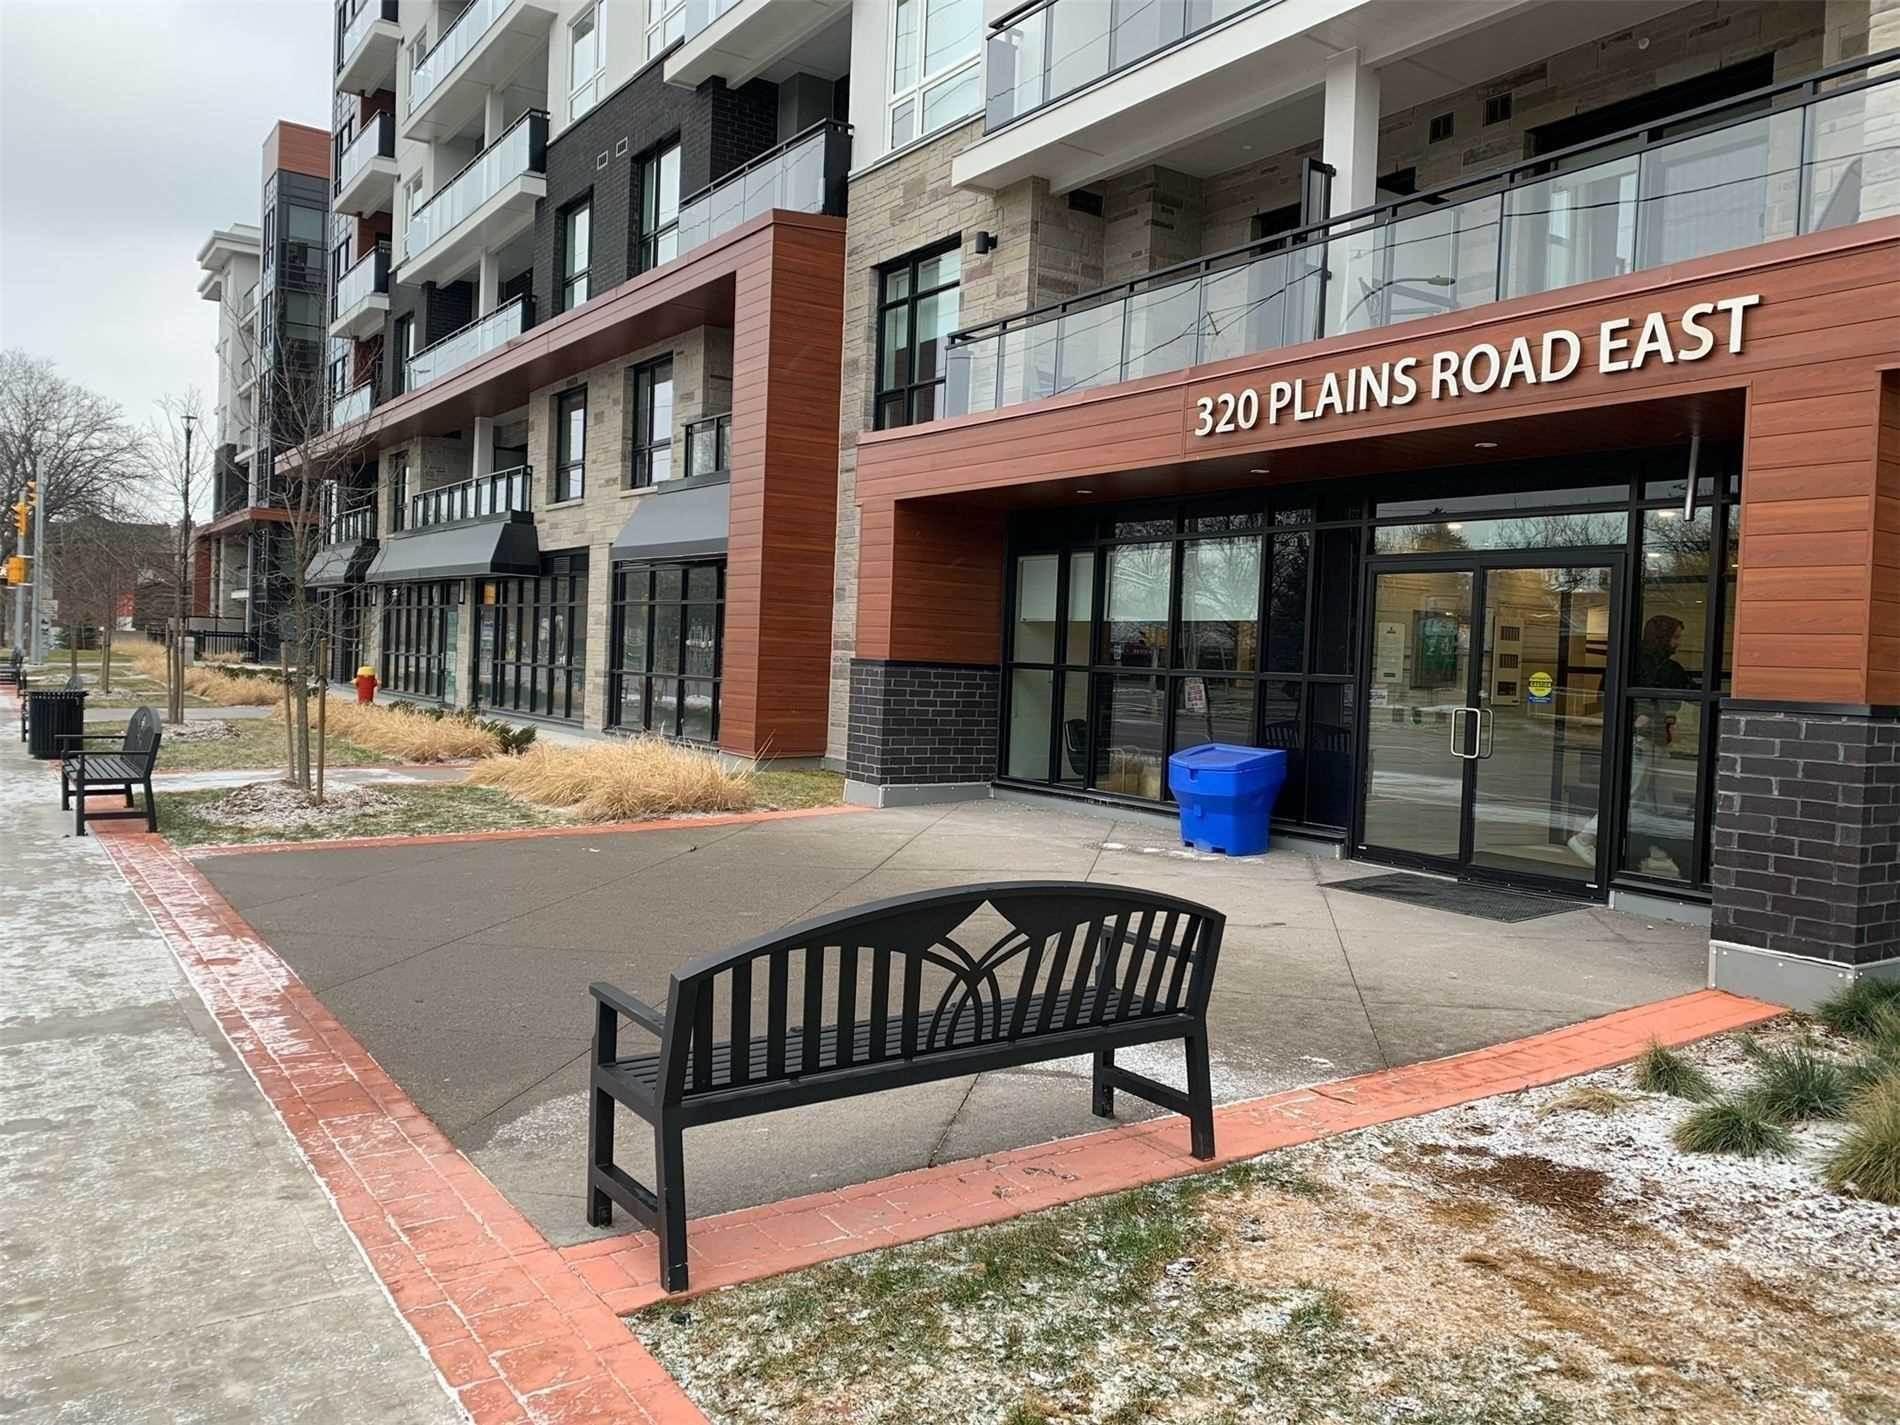 320 Plains Rd E in Burlington - Commercial For Sale : MLS# w5191016 Photo 2